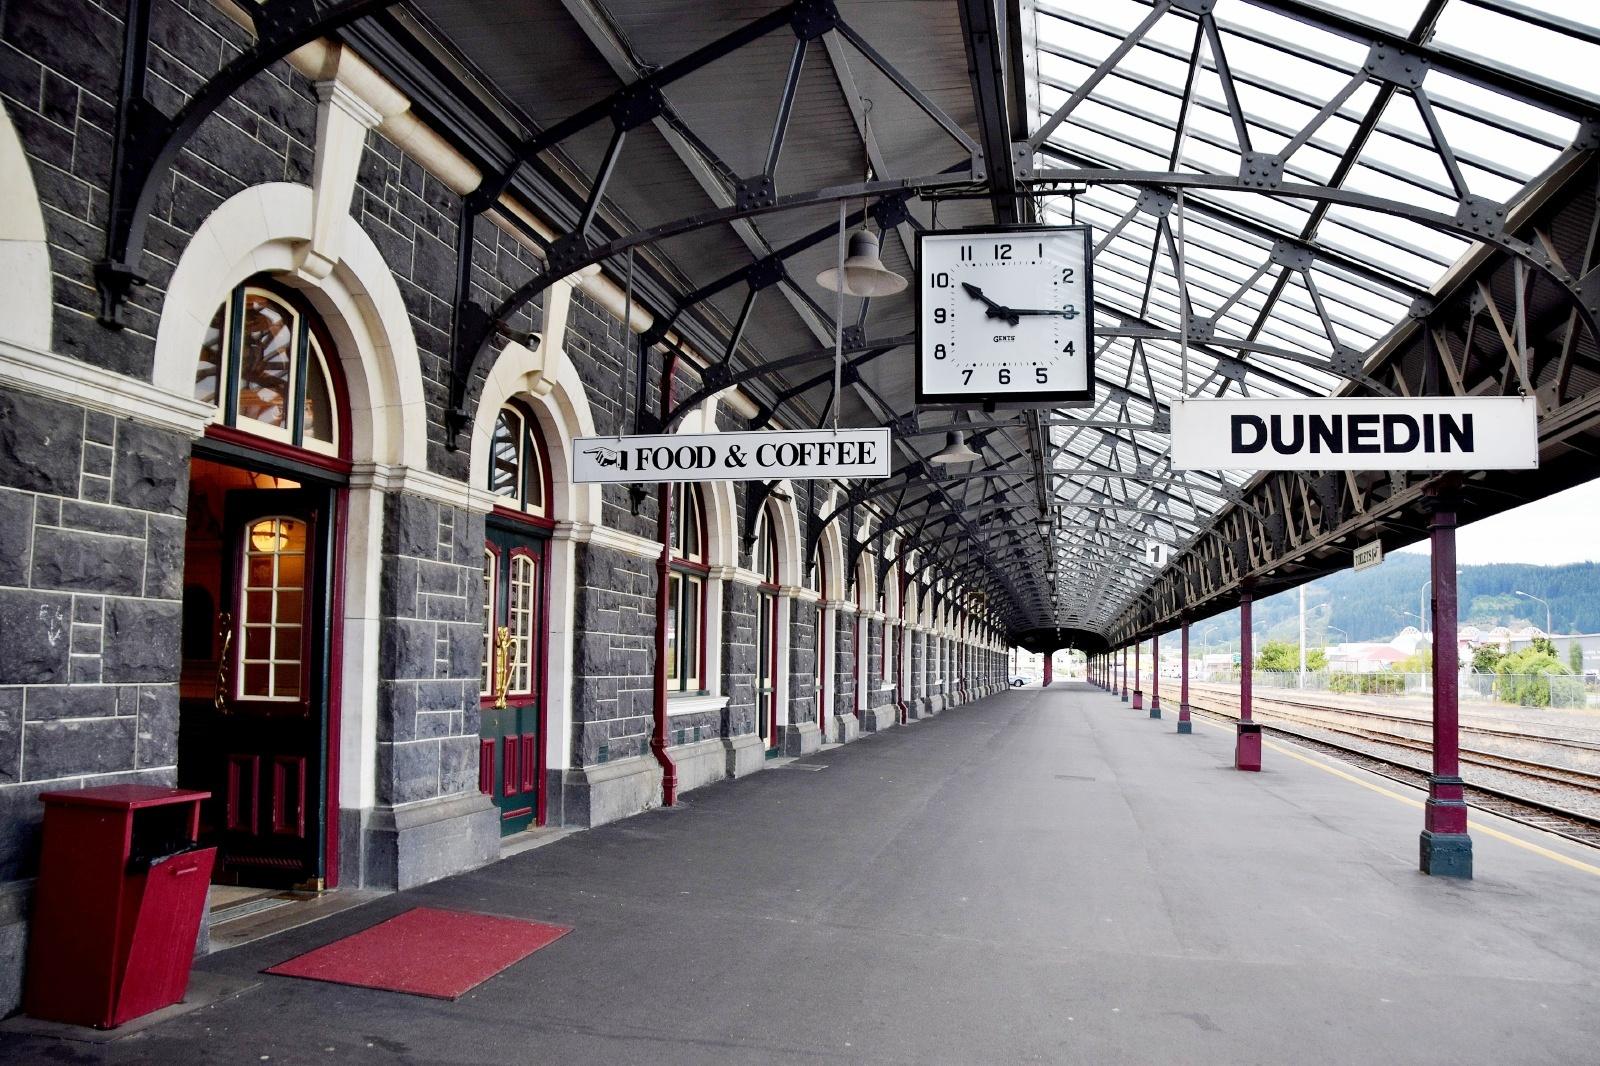 ダニーデン駅 ニュージーランドの鉄道風景